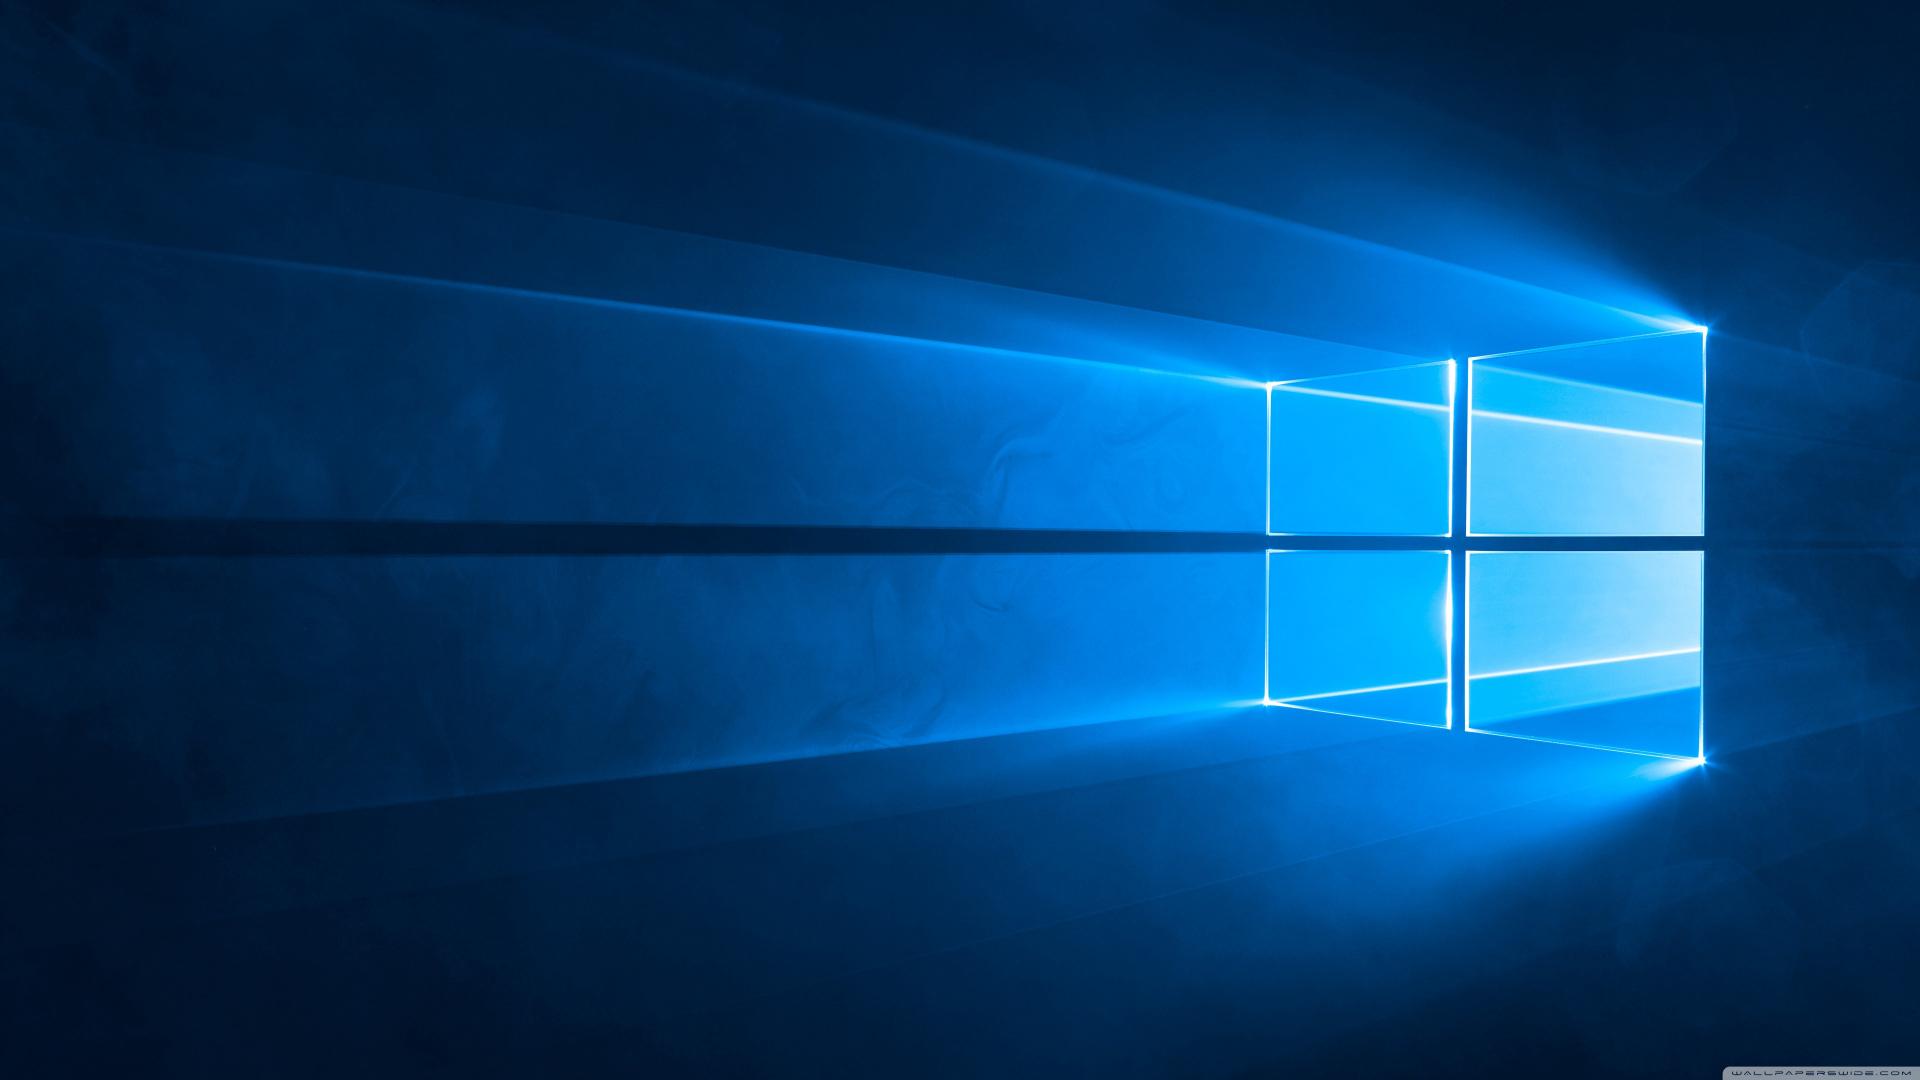 Премахване на вградените приложения в Windows 10